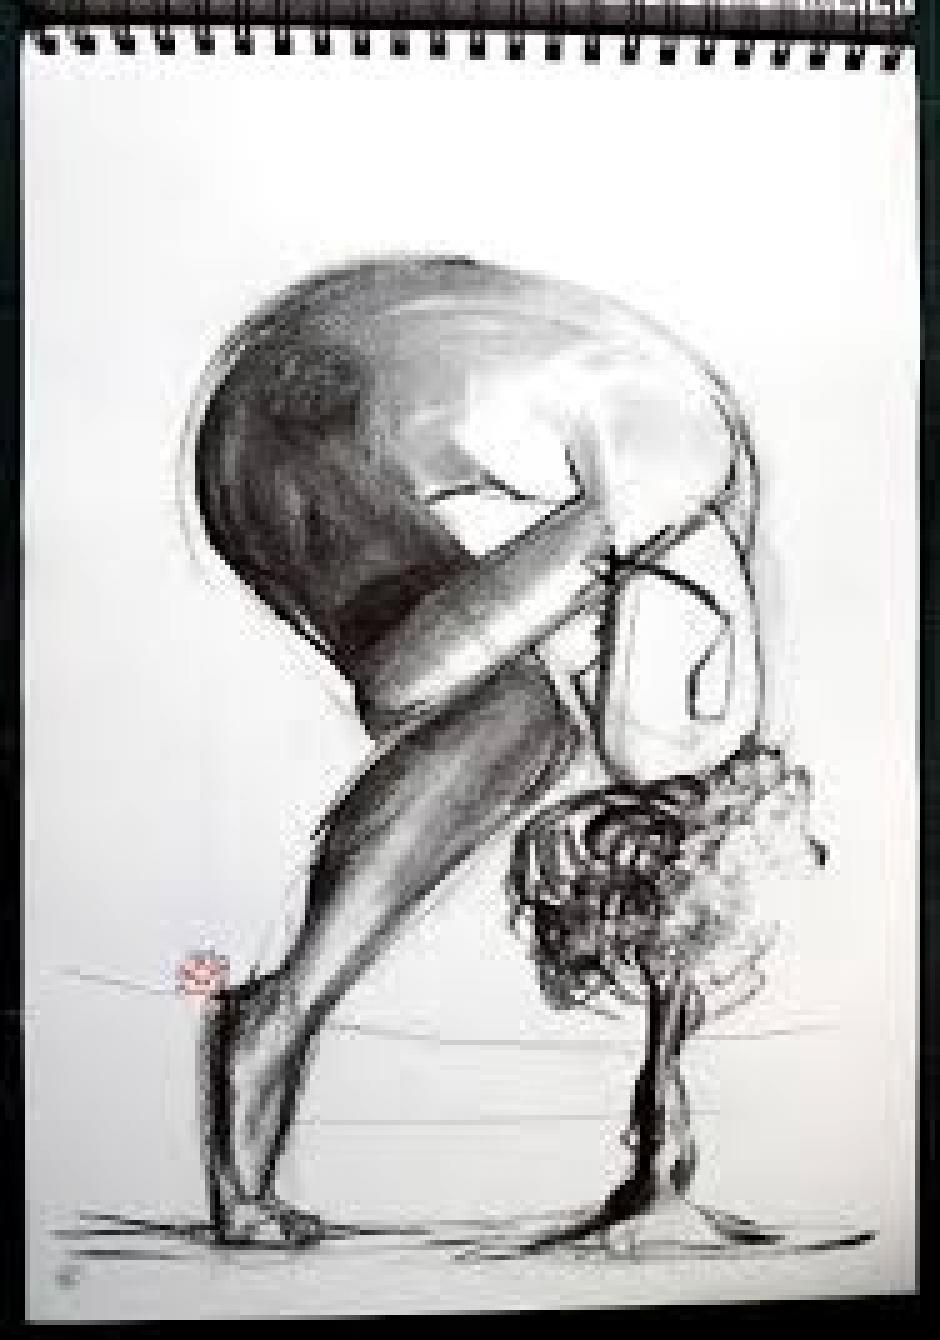 Le modèle et l'expression de la nudité, Frédéric Bouhon*